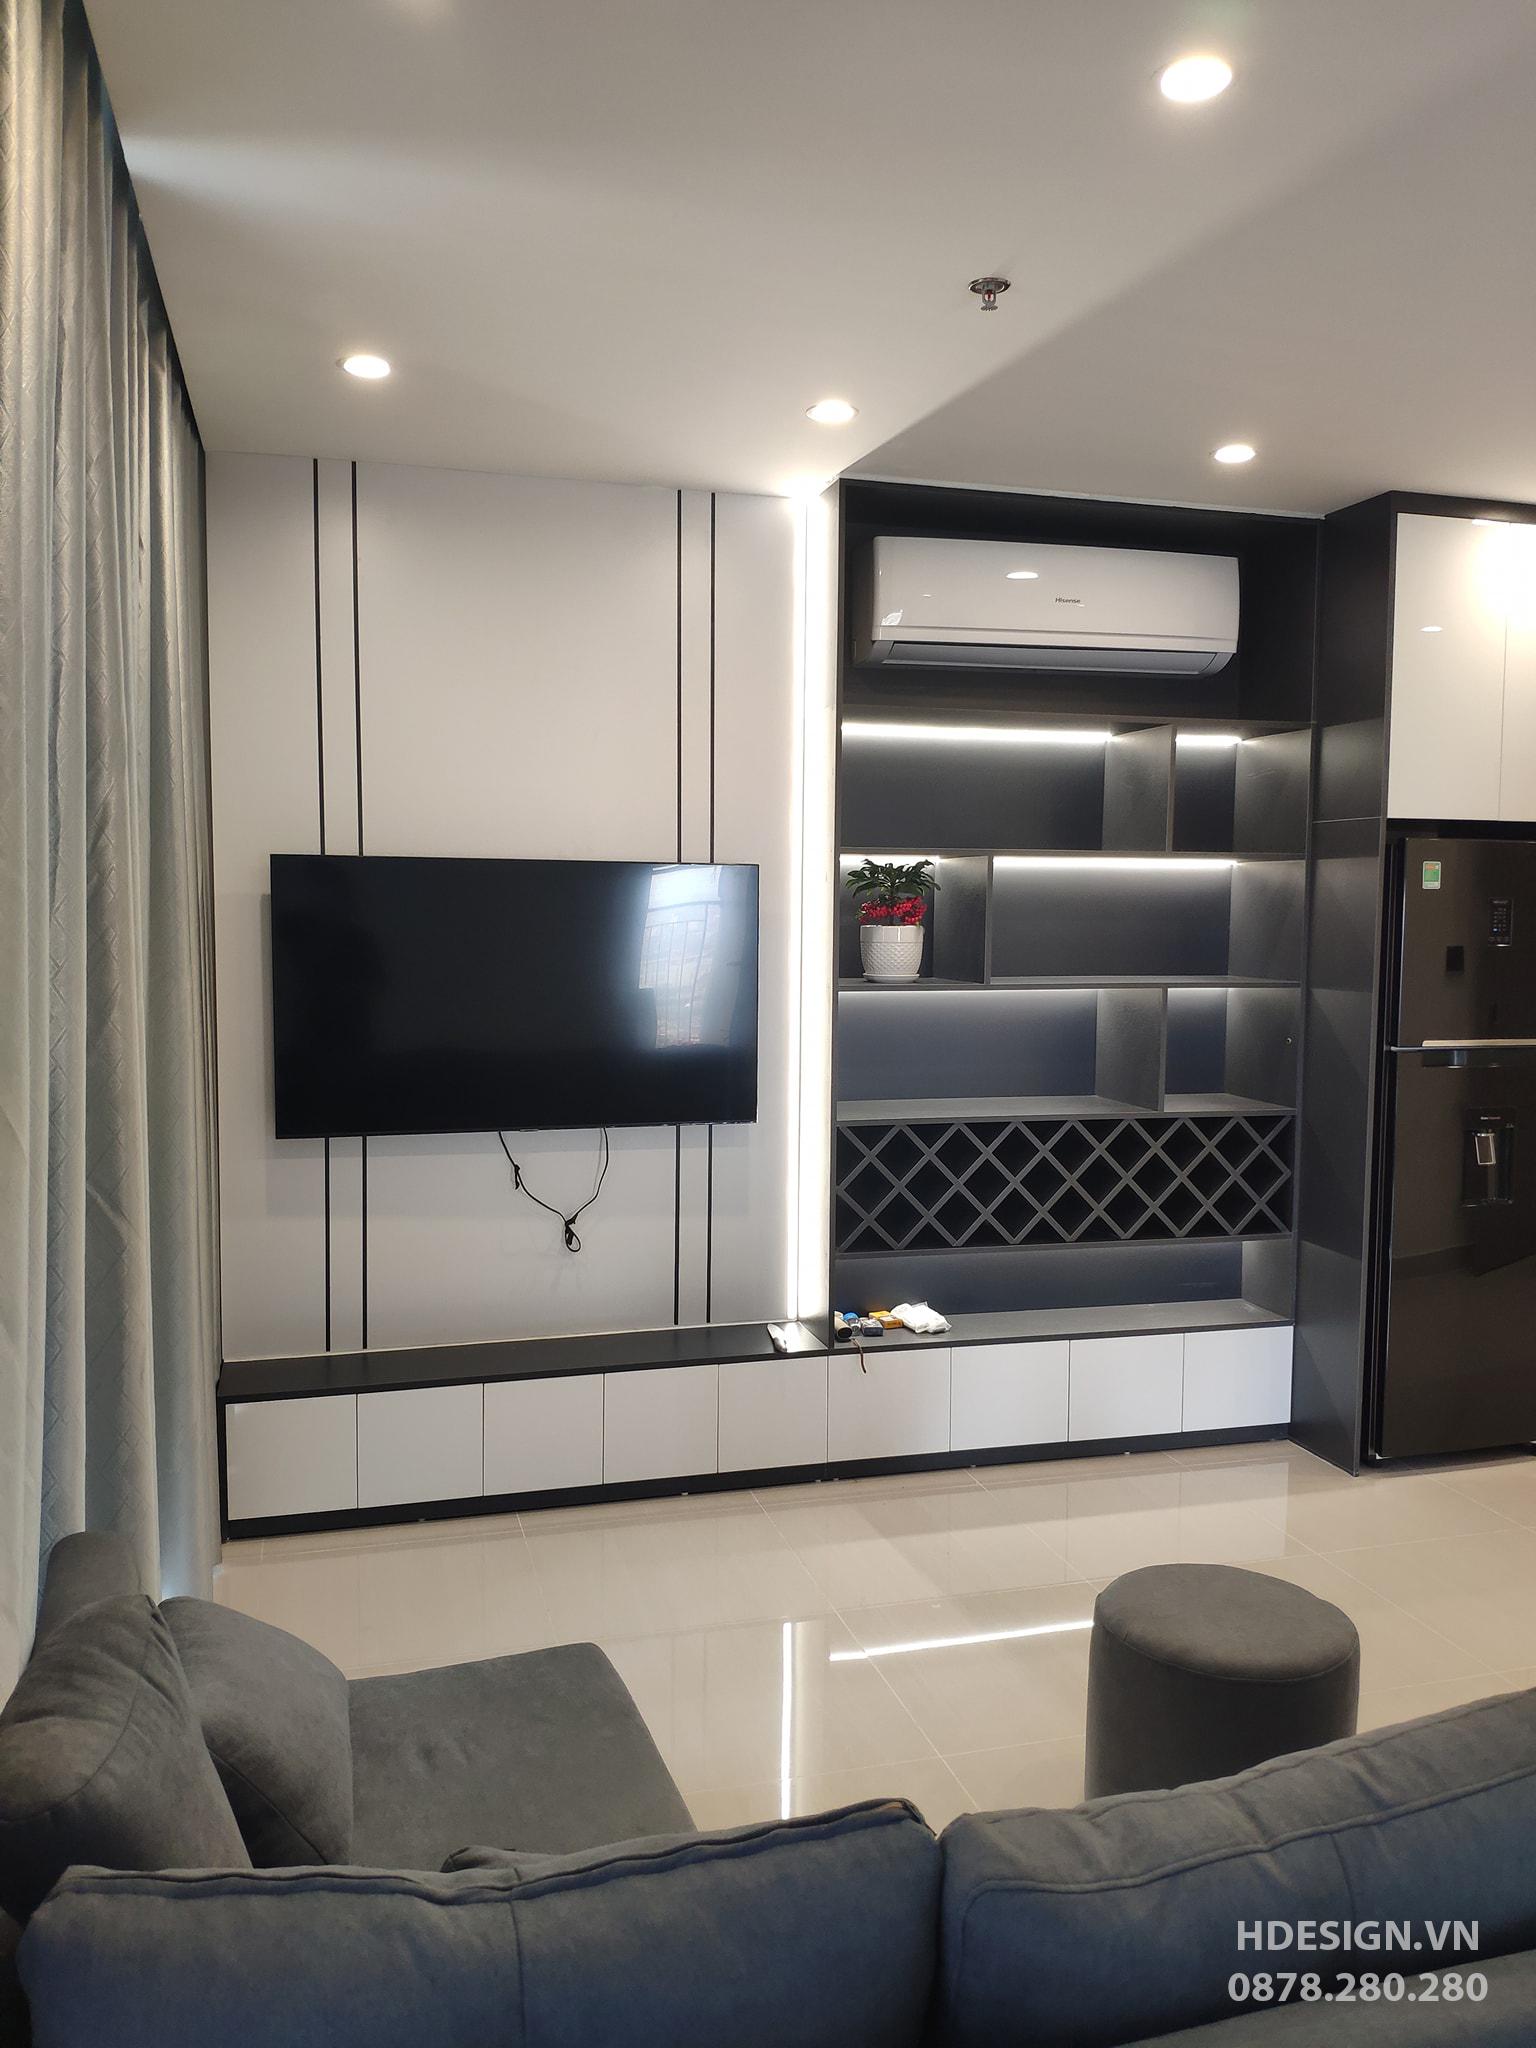 You are currently viewing Thi công lắp đặt hoàn thiện nội thất căn hộ 2PN+1 dự án Vinhomes Smart City